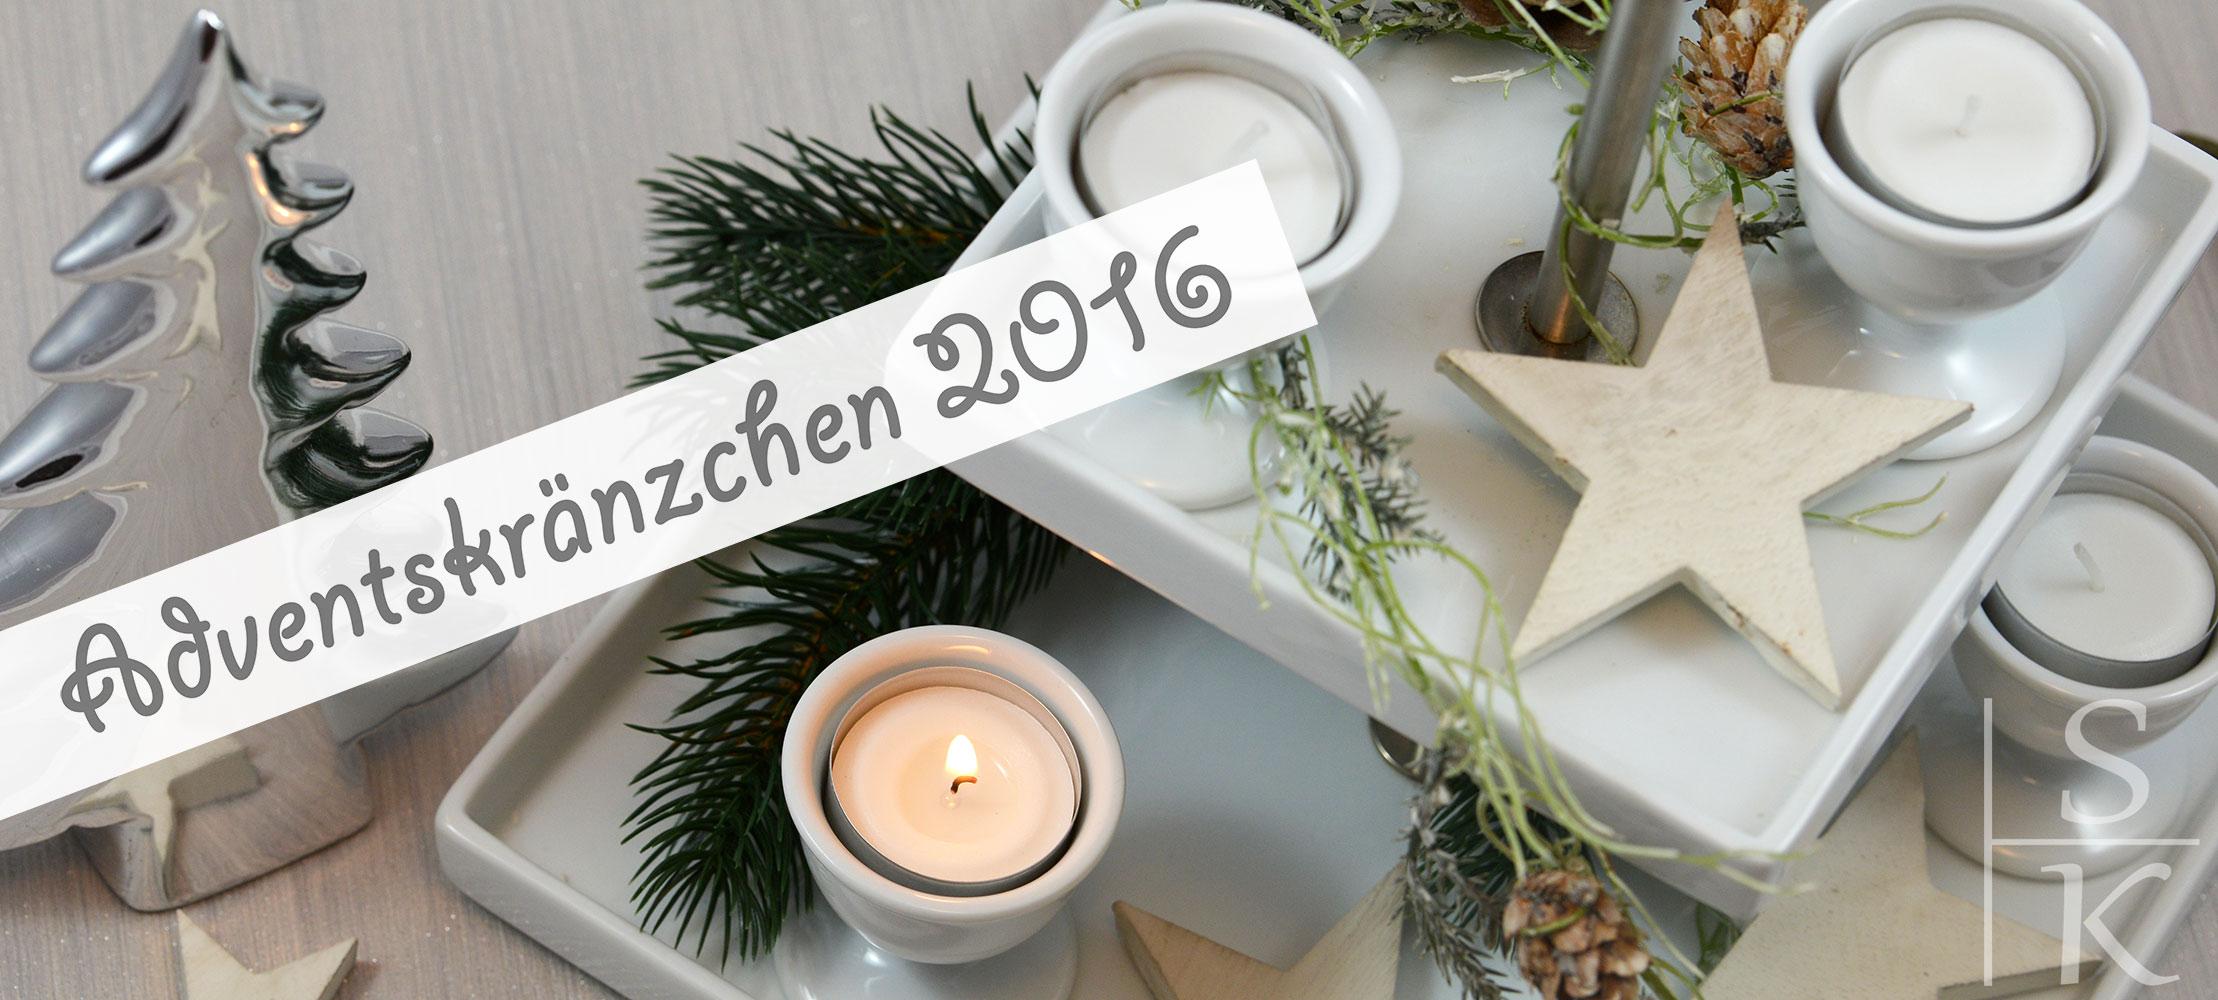 banner-adventskraenzchen2016